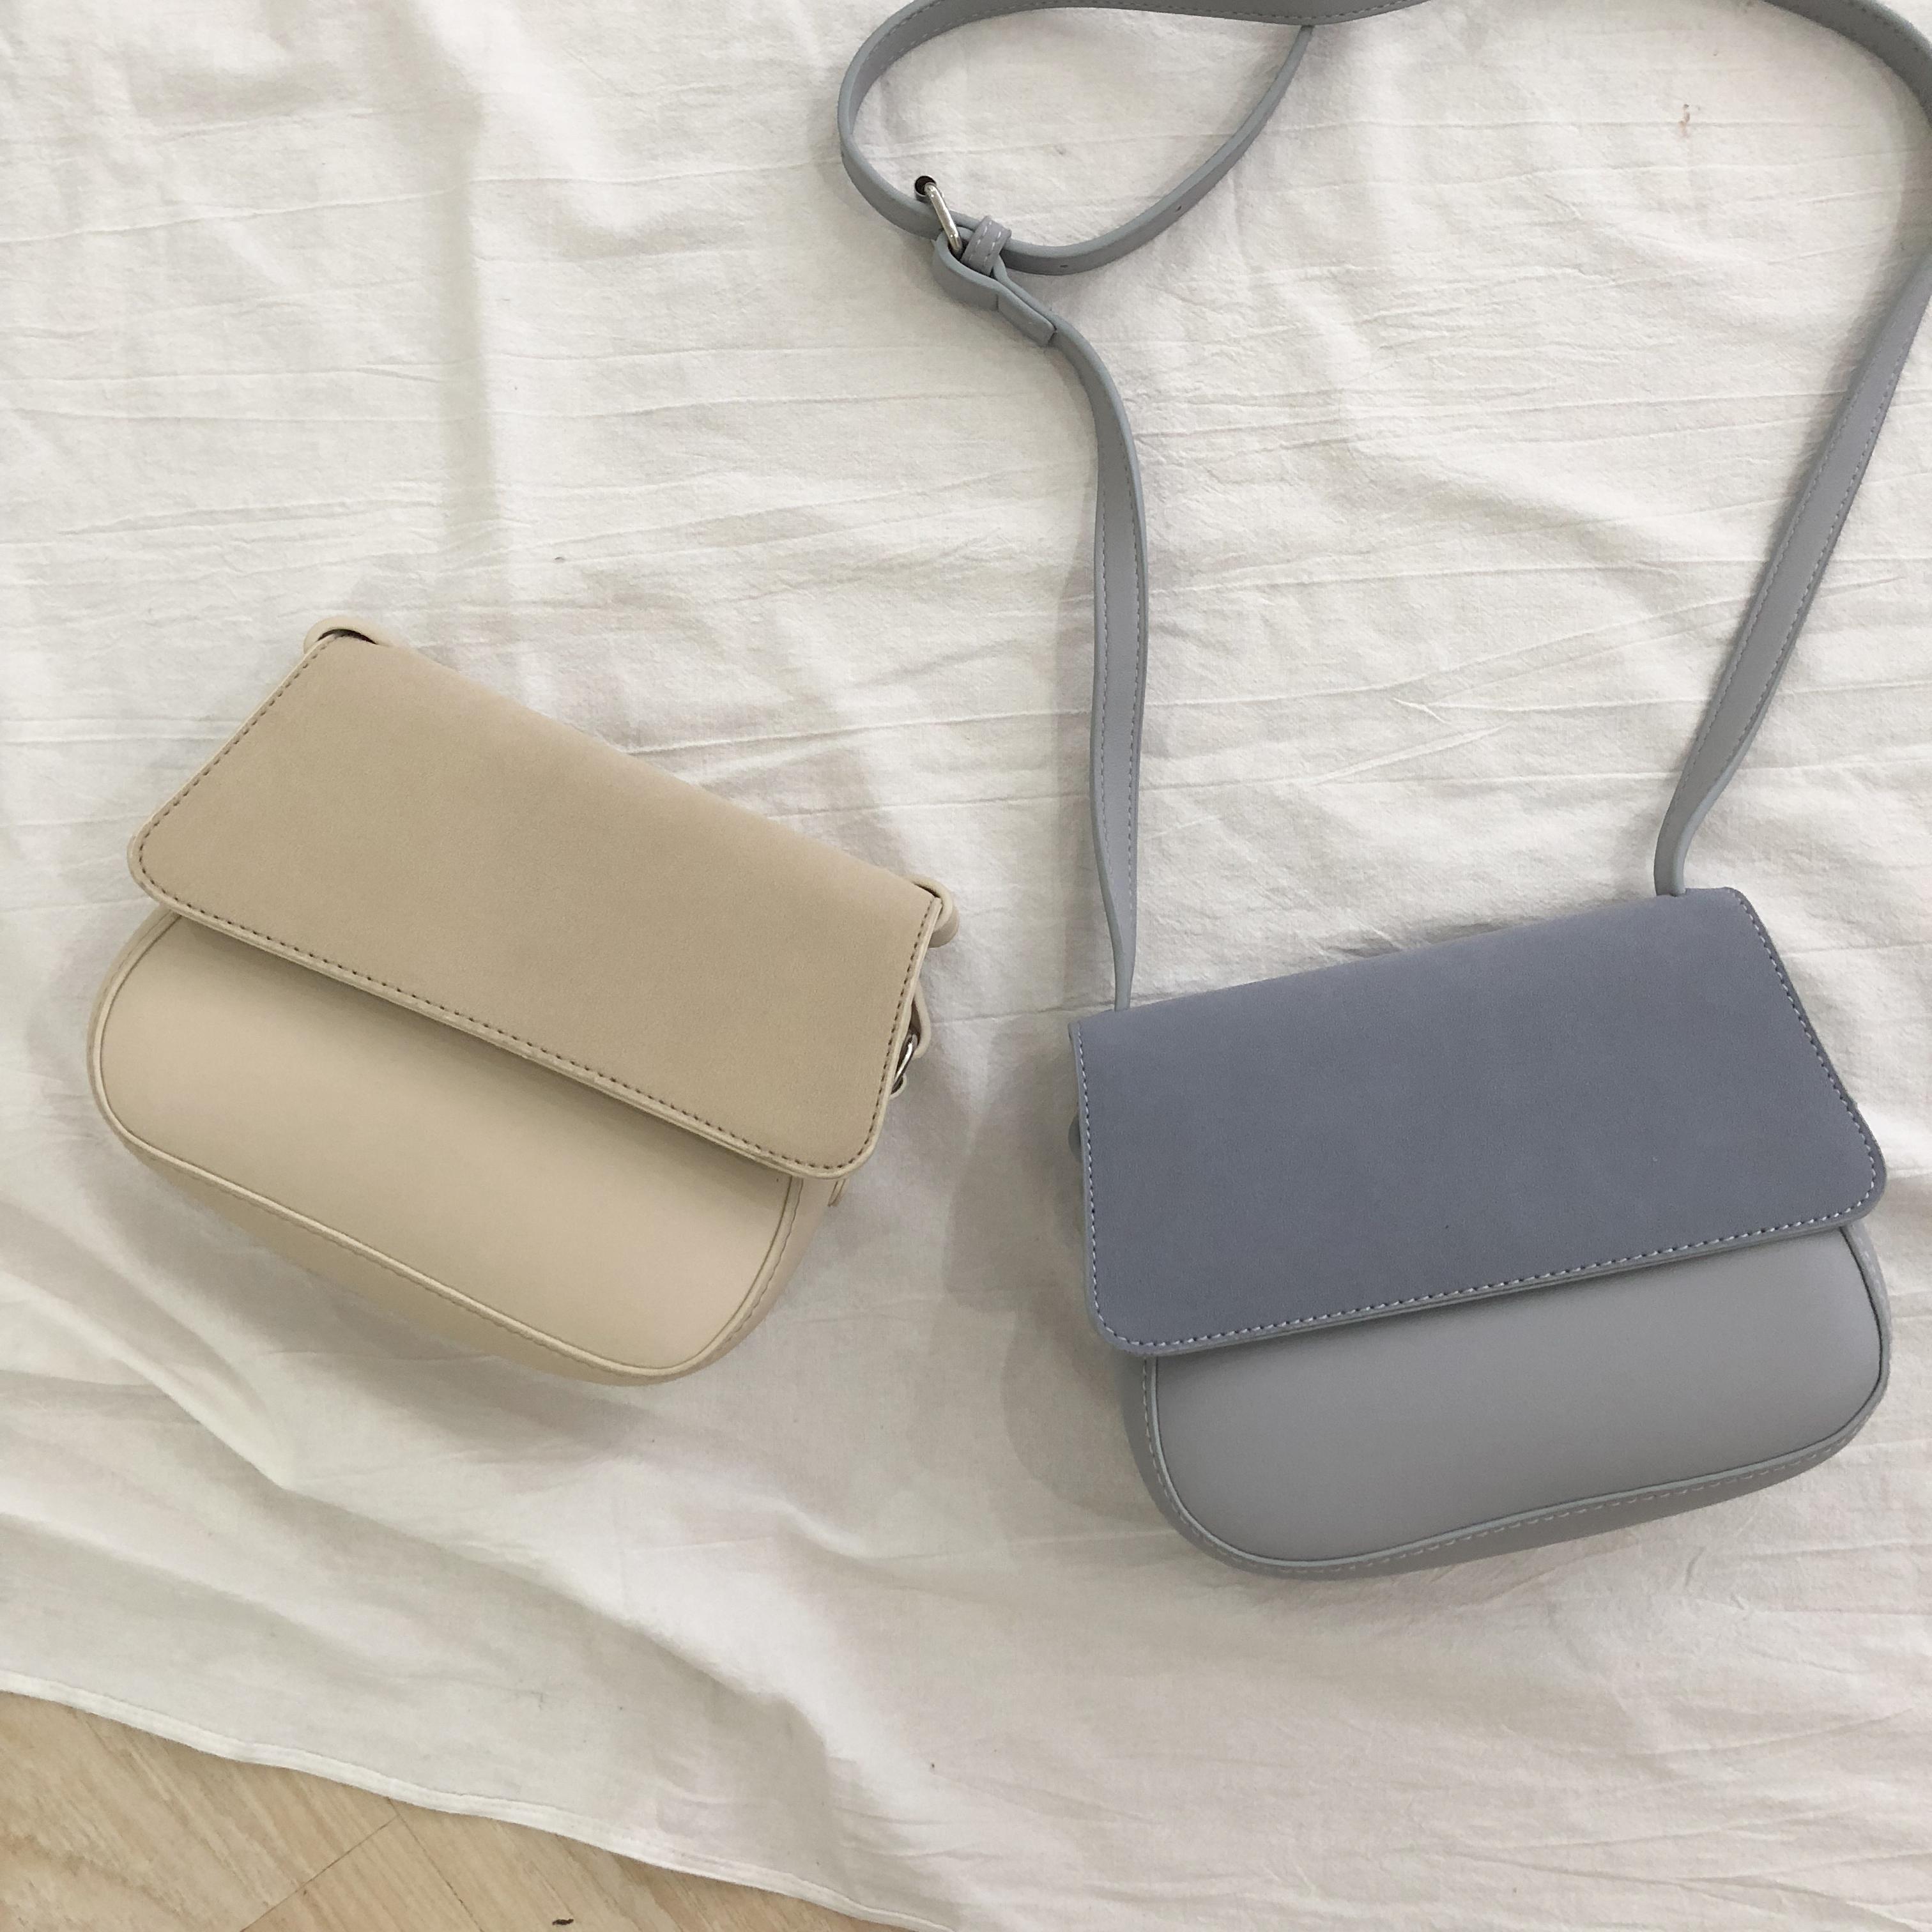 〈カフェシリーズ〉カフェ行きミニショルダーバッグ【cafe mini shoulder bag】